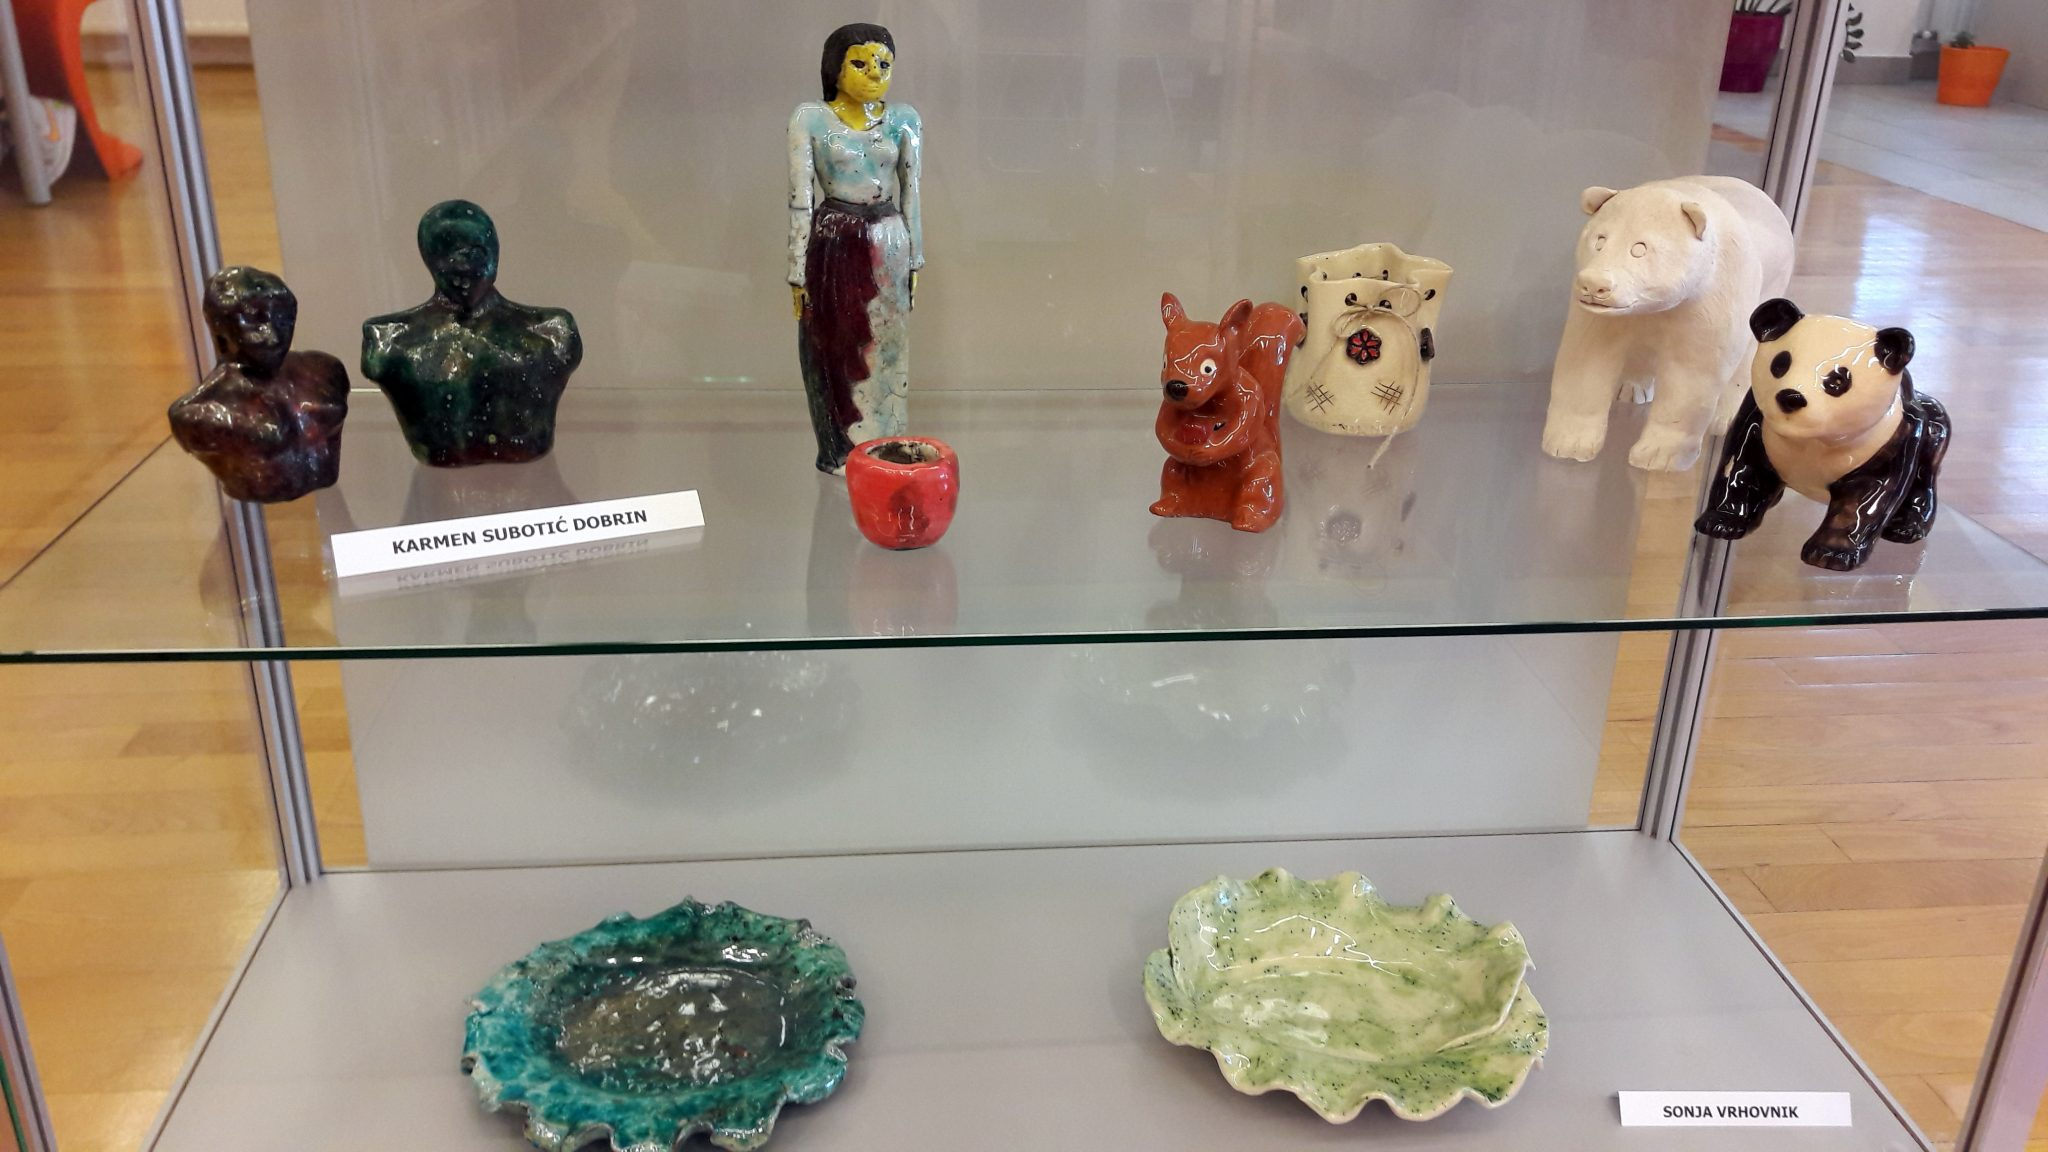 20170510 133347 - KD Rak Rakek - razstava izdelkov iz keramike